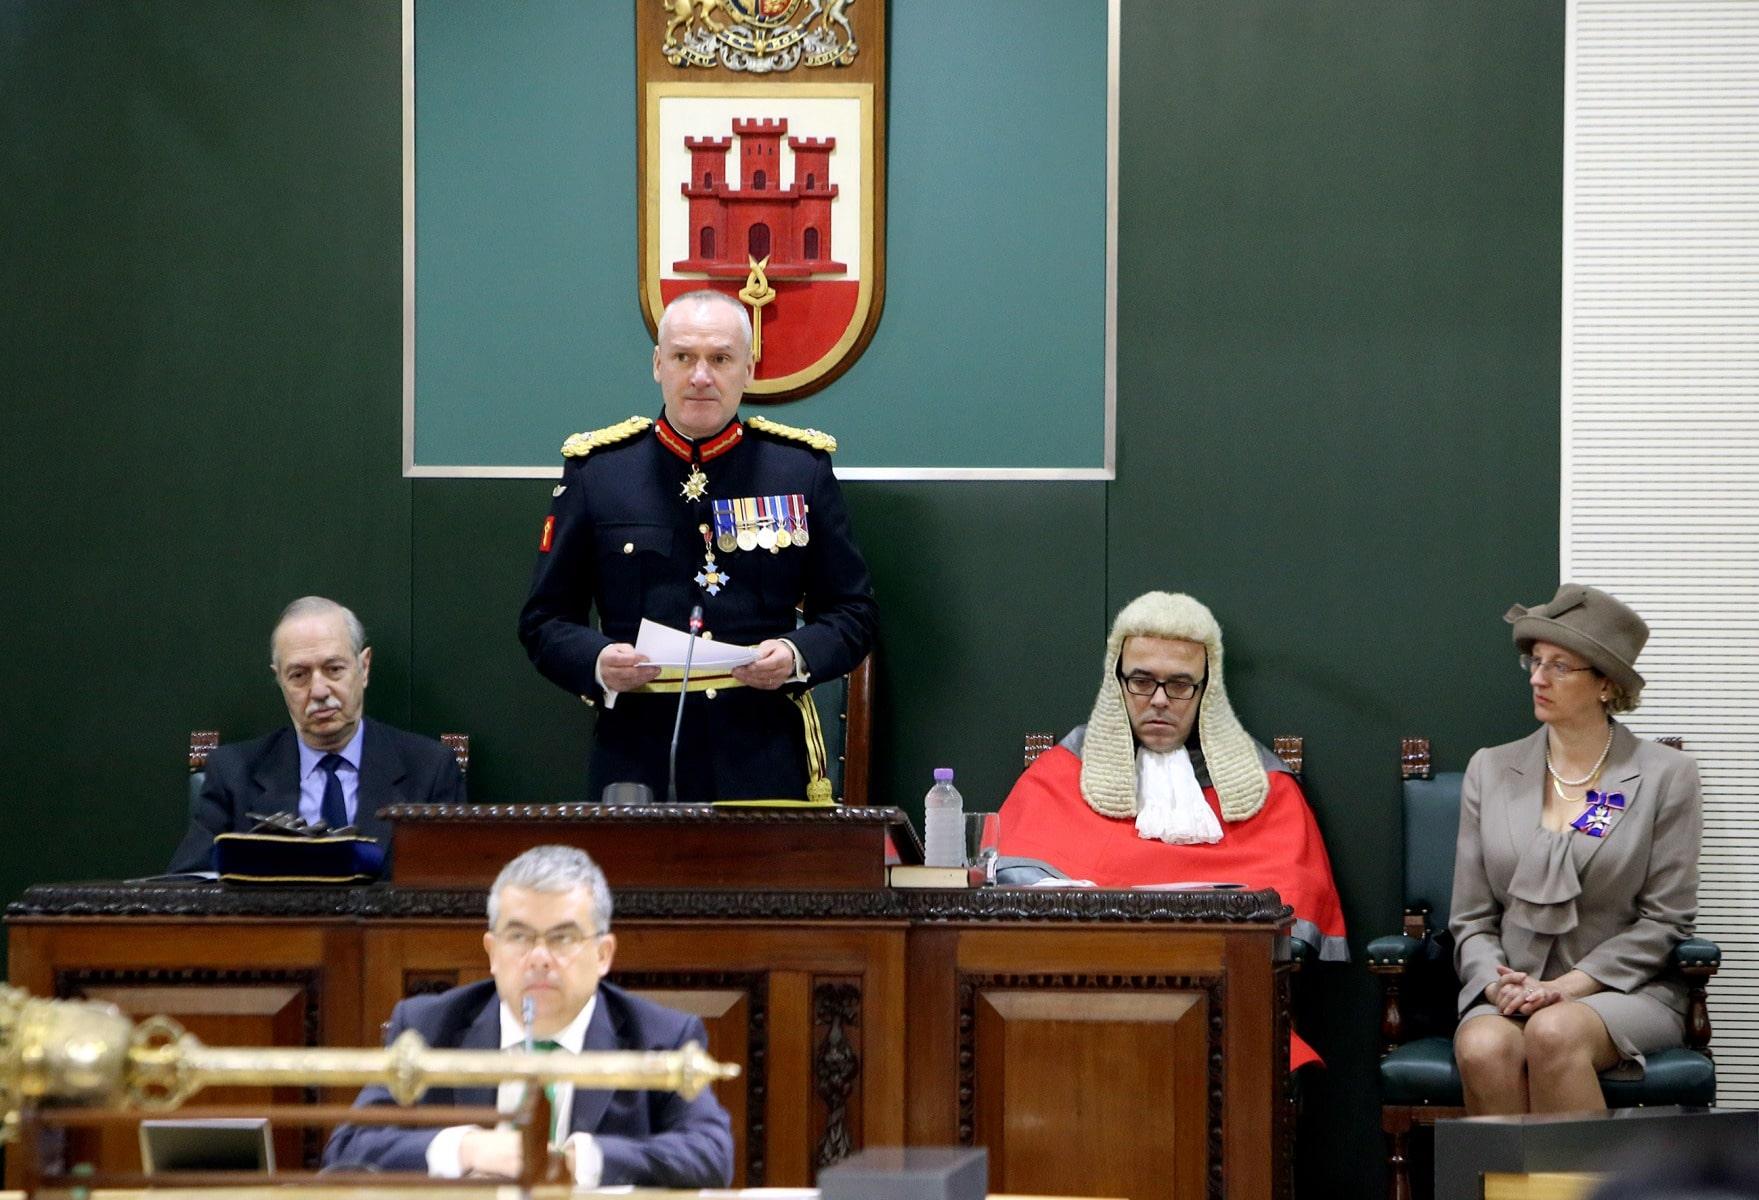 gobernador-de-gibraltar-edward-davis_24496999075_o